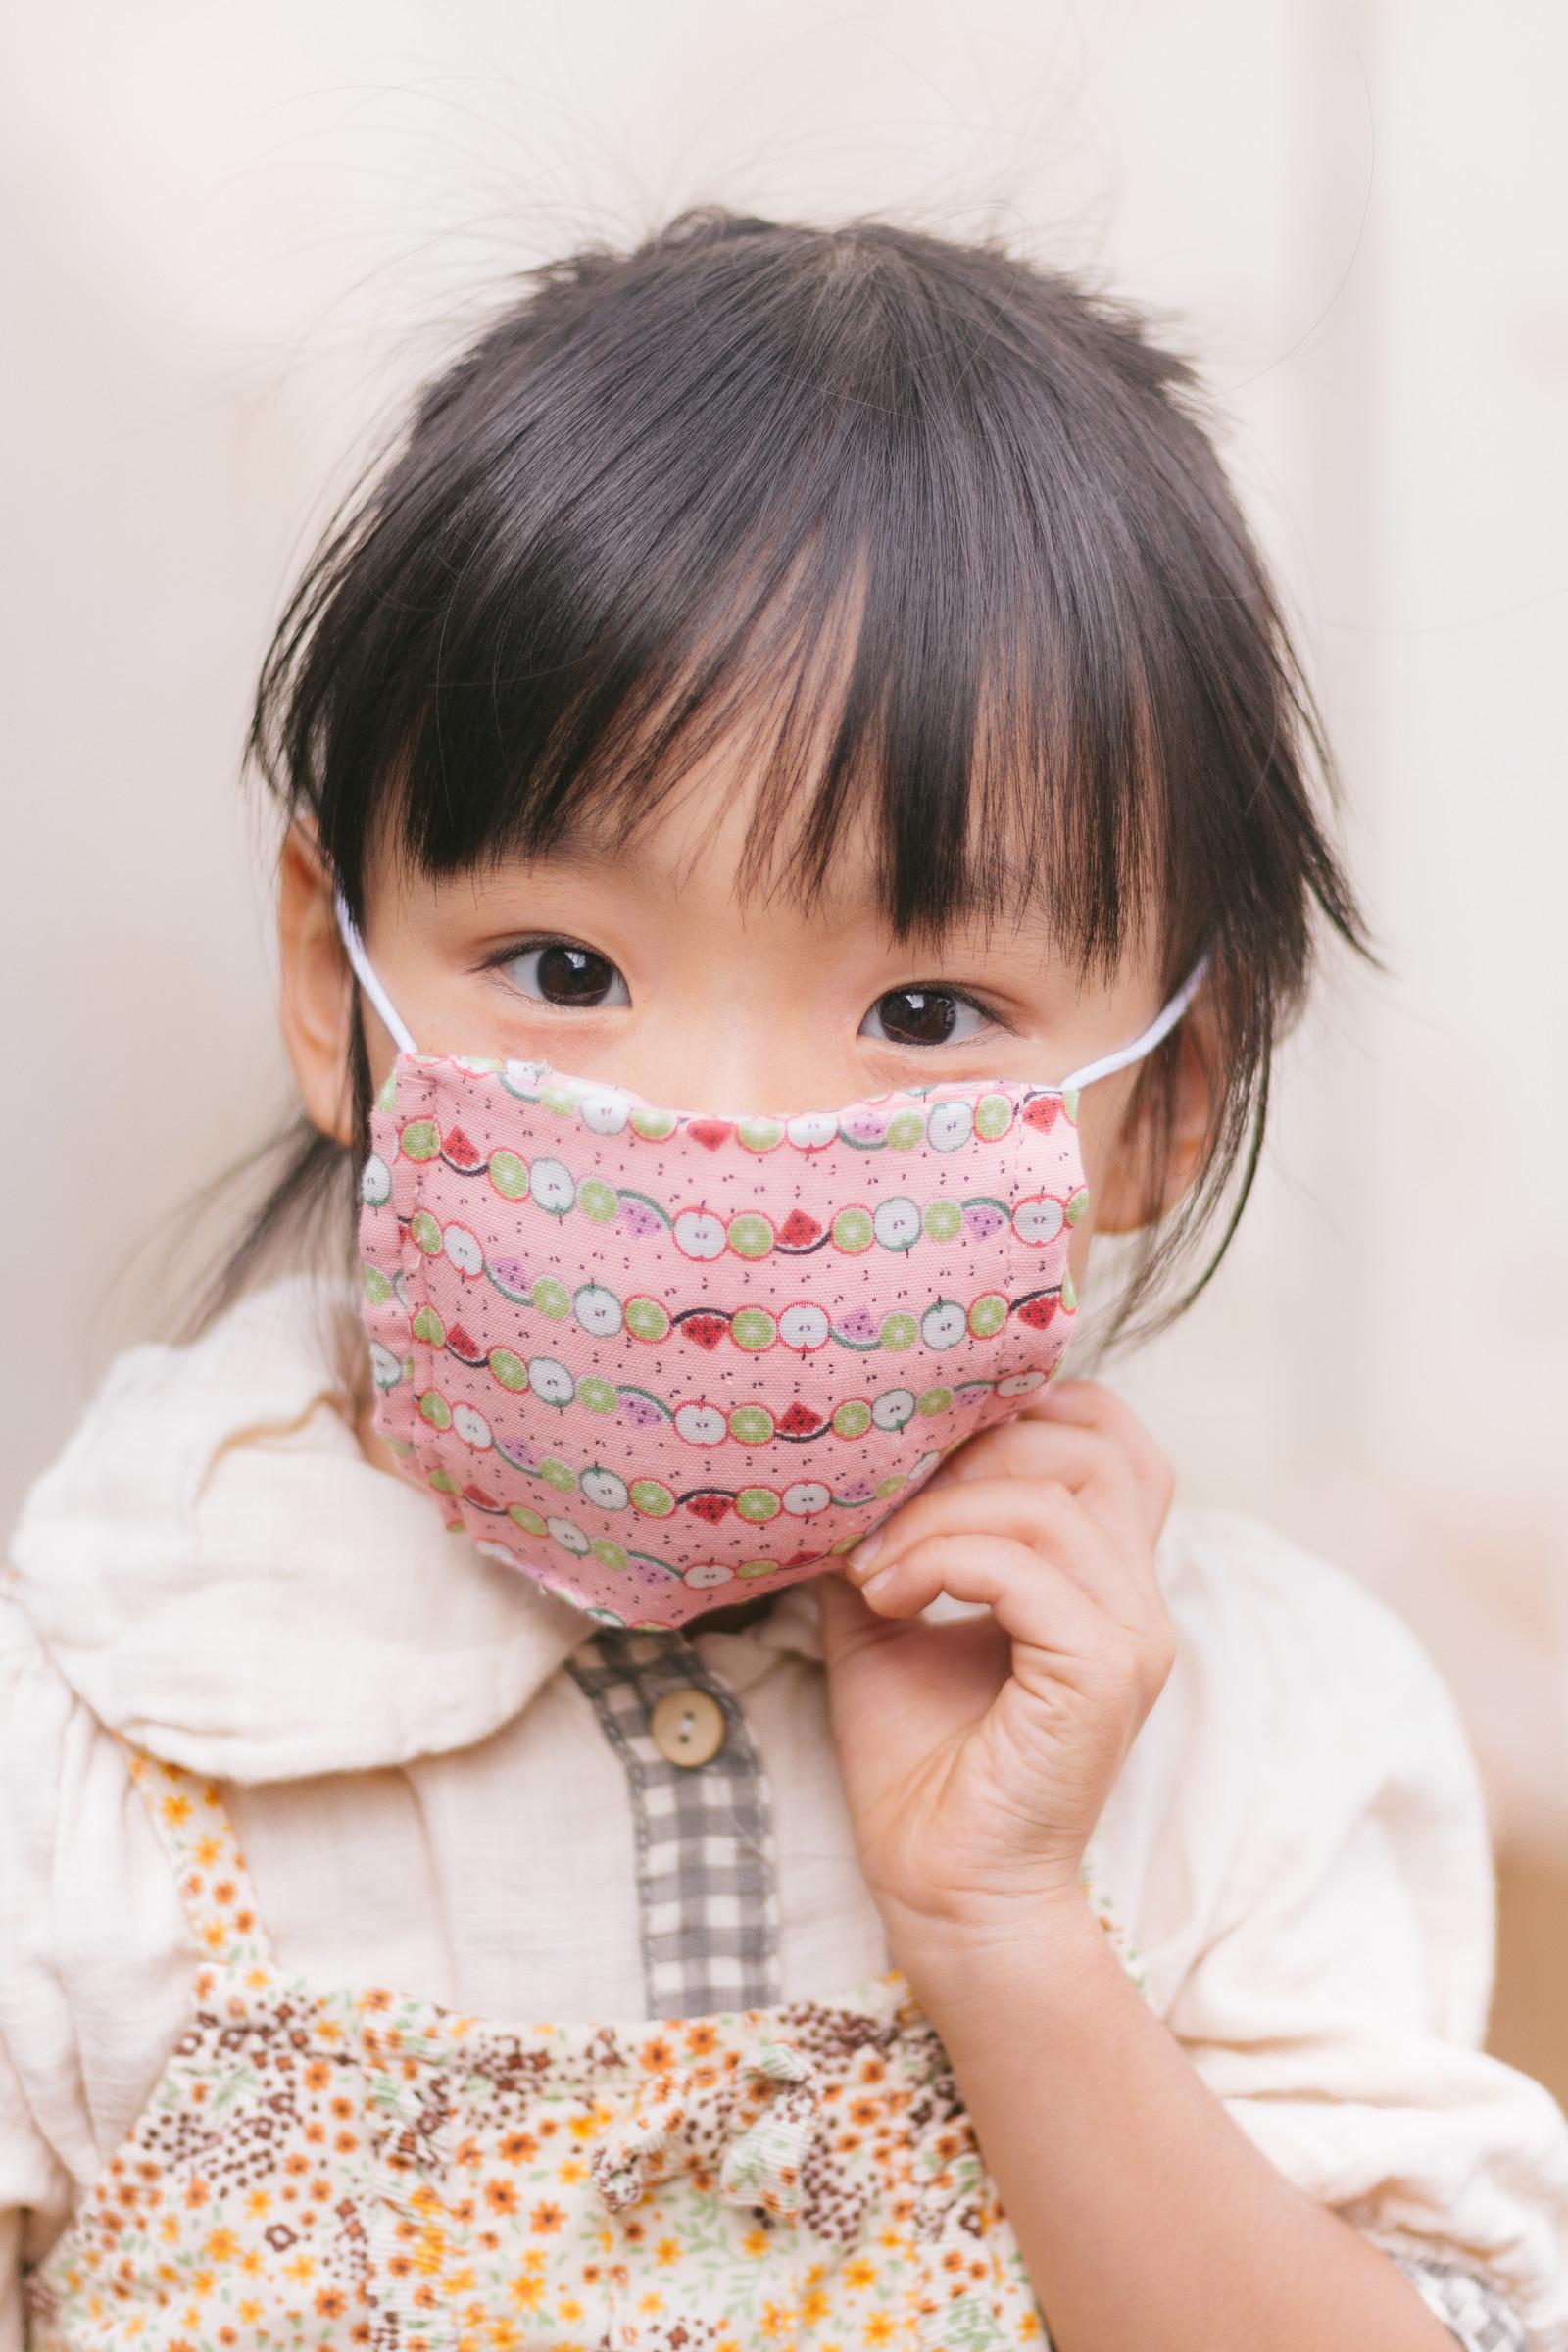 溶連菌感染症について知っておきたいこと